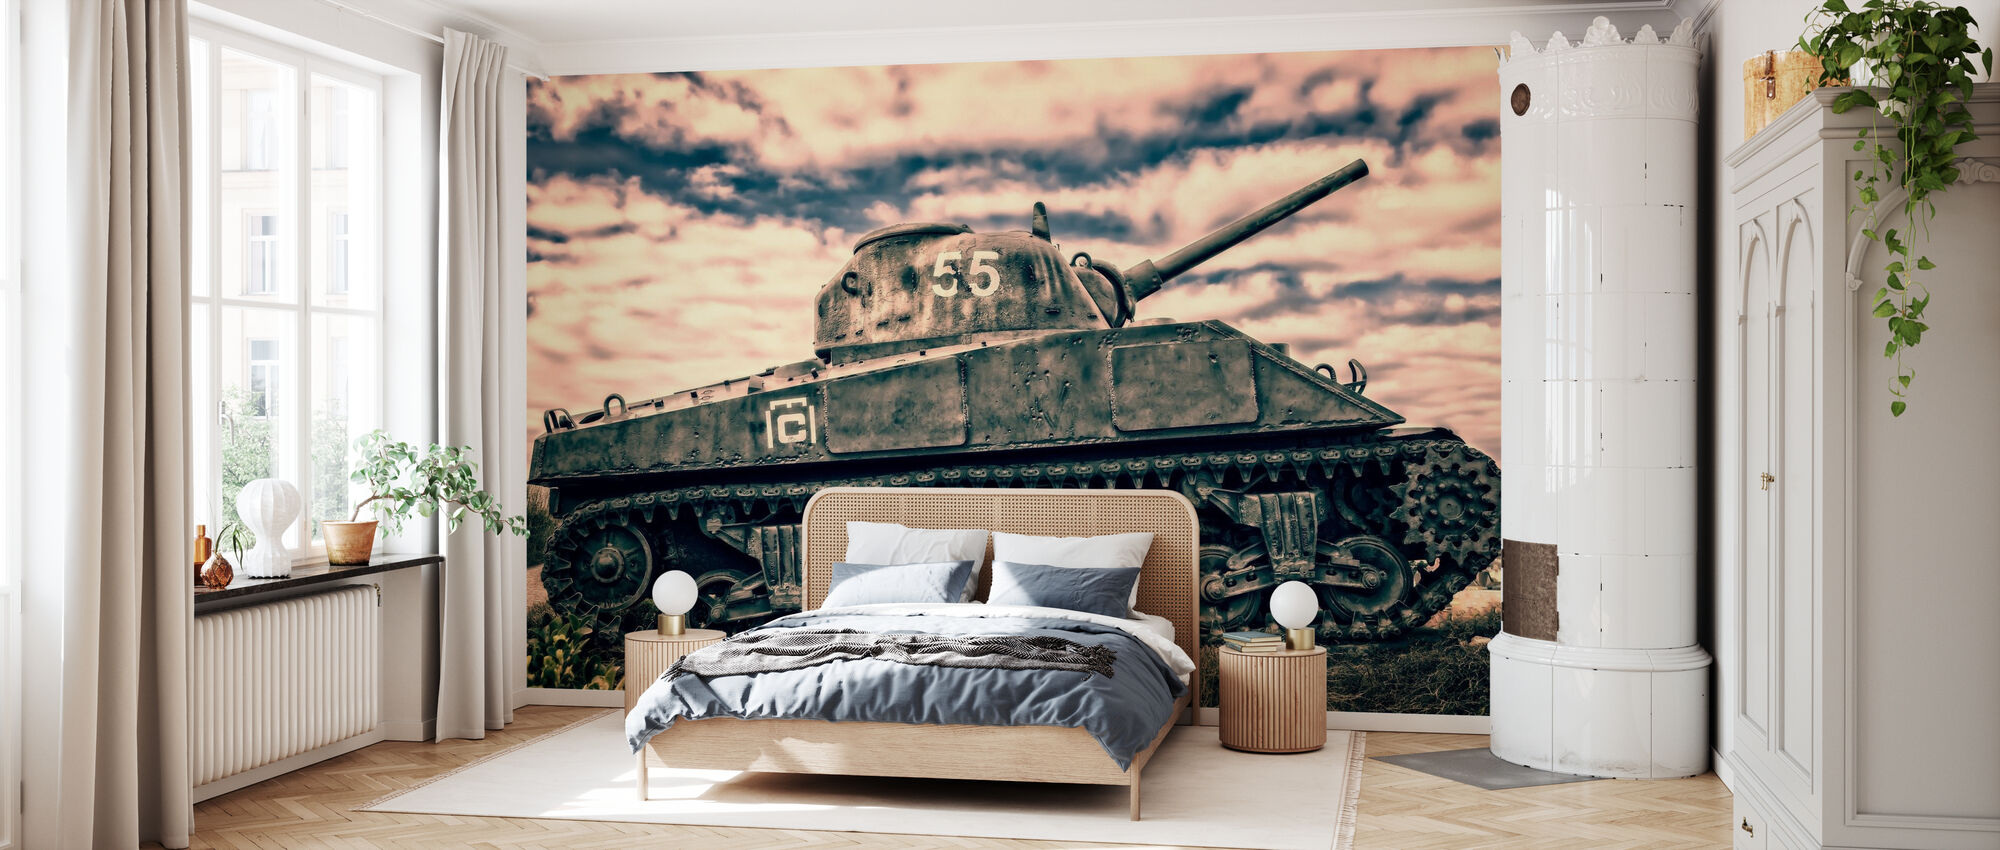 War Tank - Tapet - Soverom